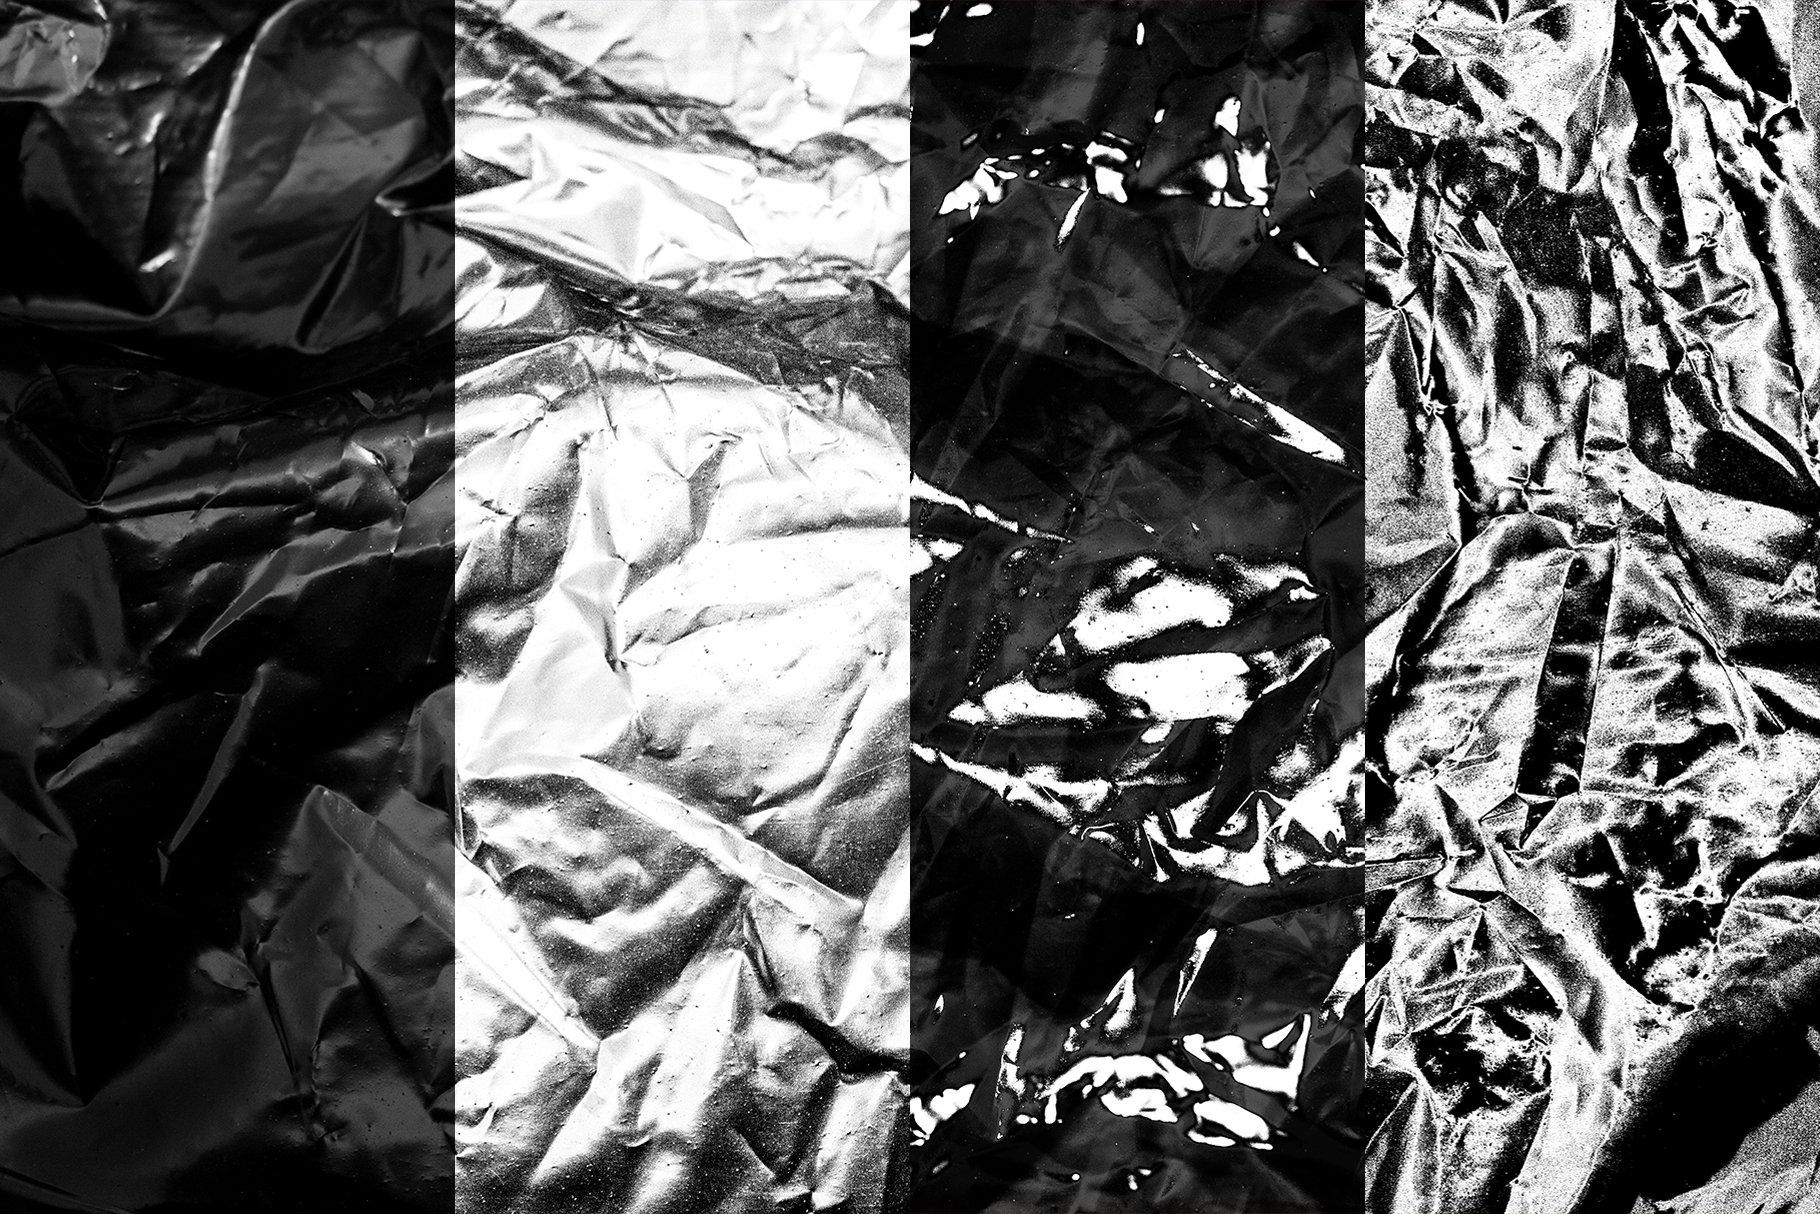 [单独购买] 120款潮流高清折痕褶皱塑料袋纹理海报设计背景图片素材 Visualfear – Plastic Wrap Textures插图6